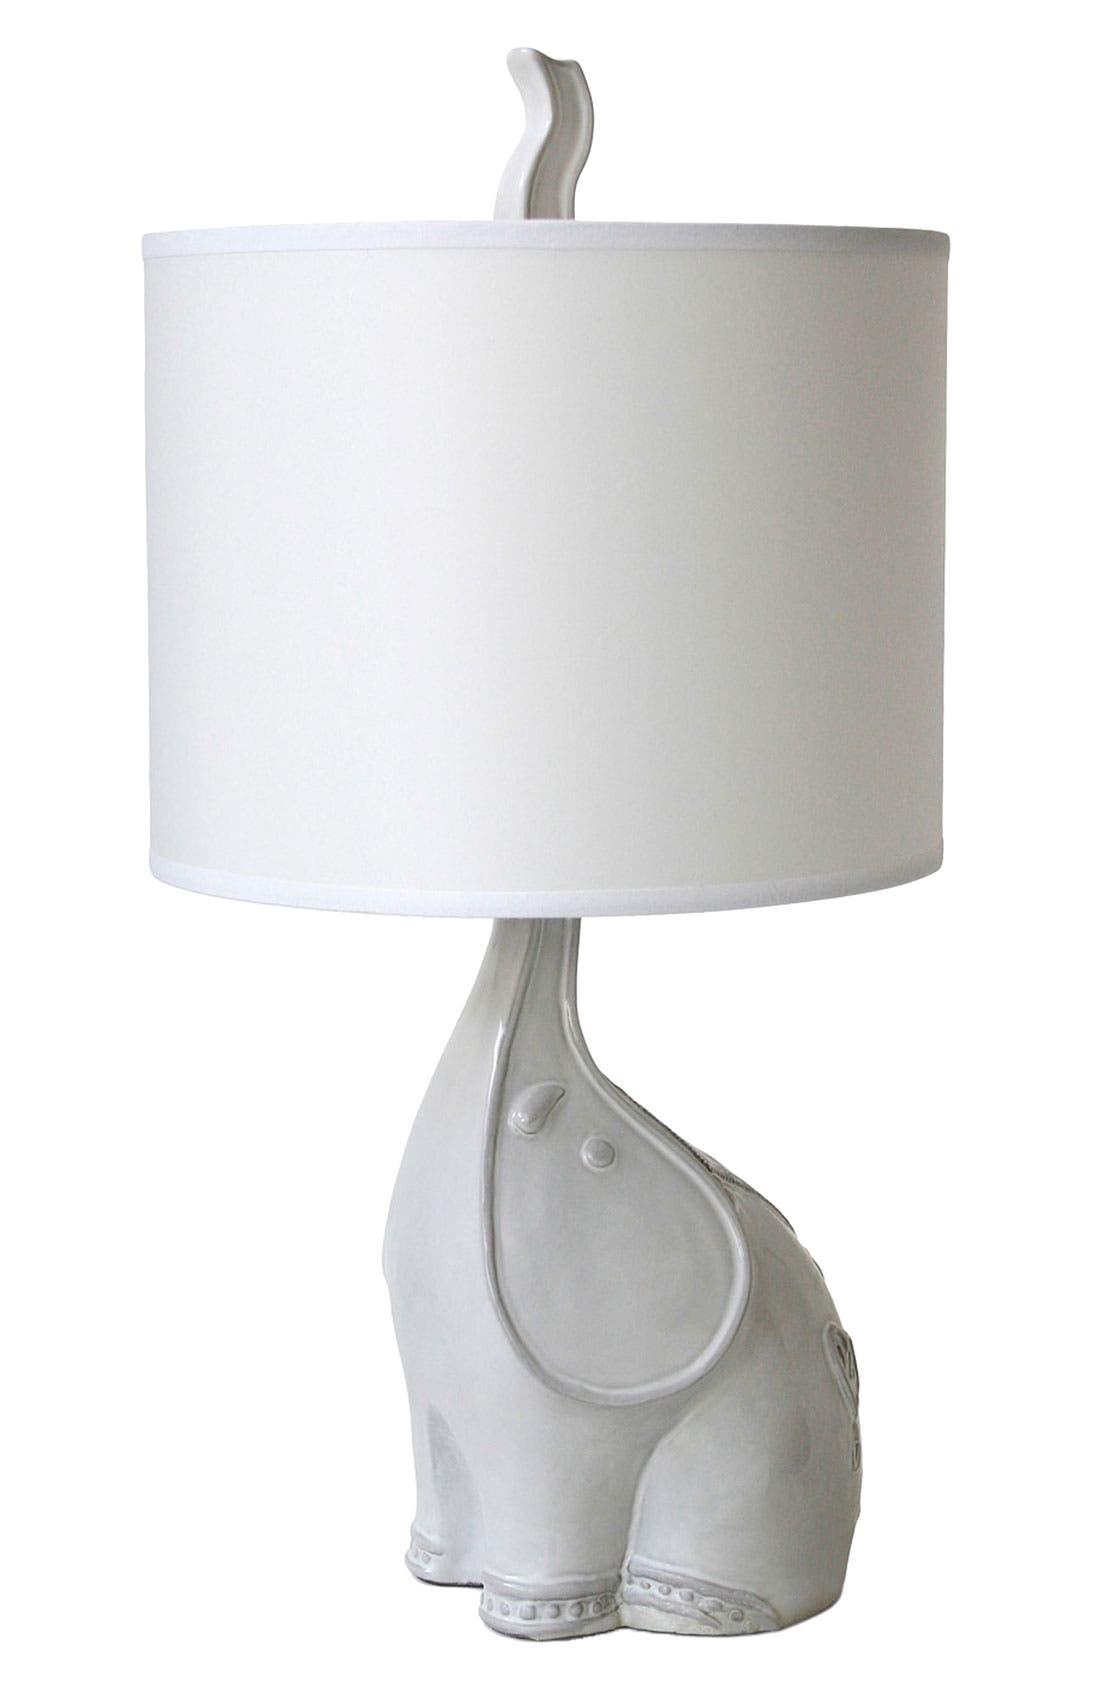 Alternate Image 1 Selected - Jonathan Adler 'Elephant' Lamp